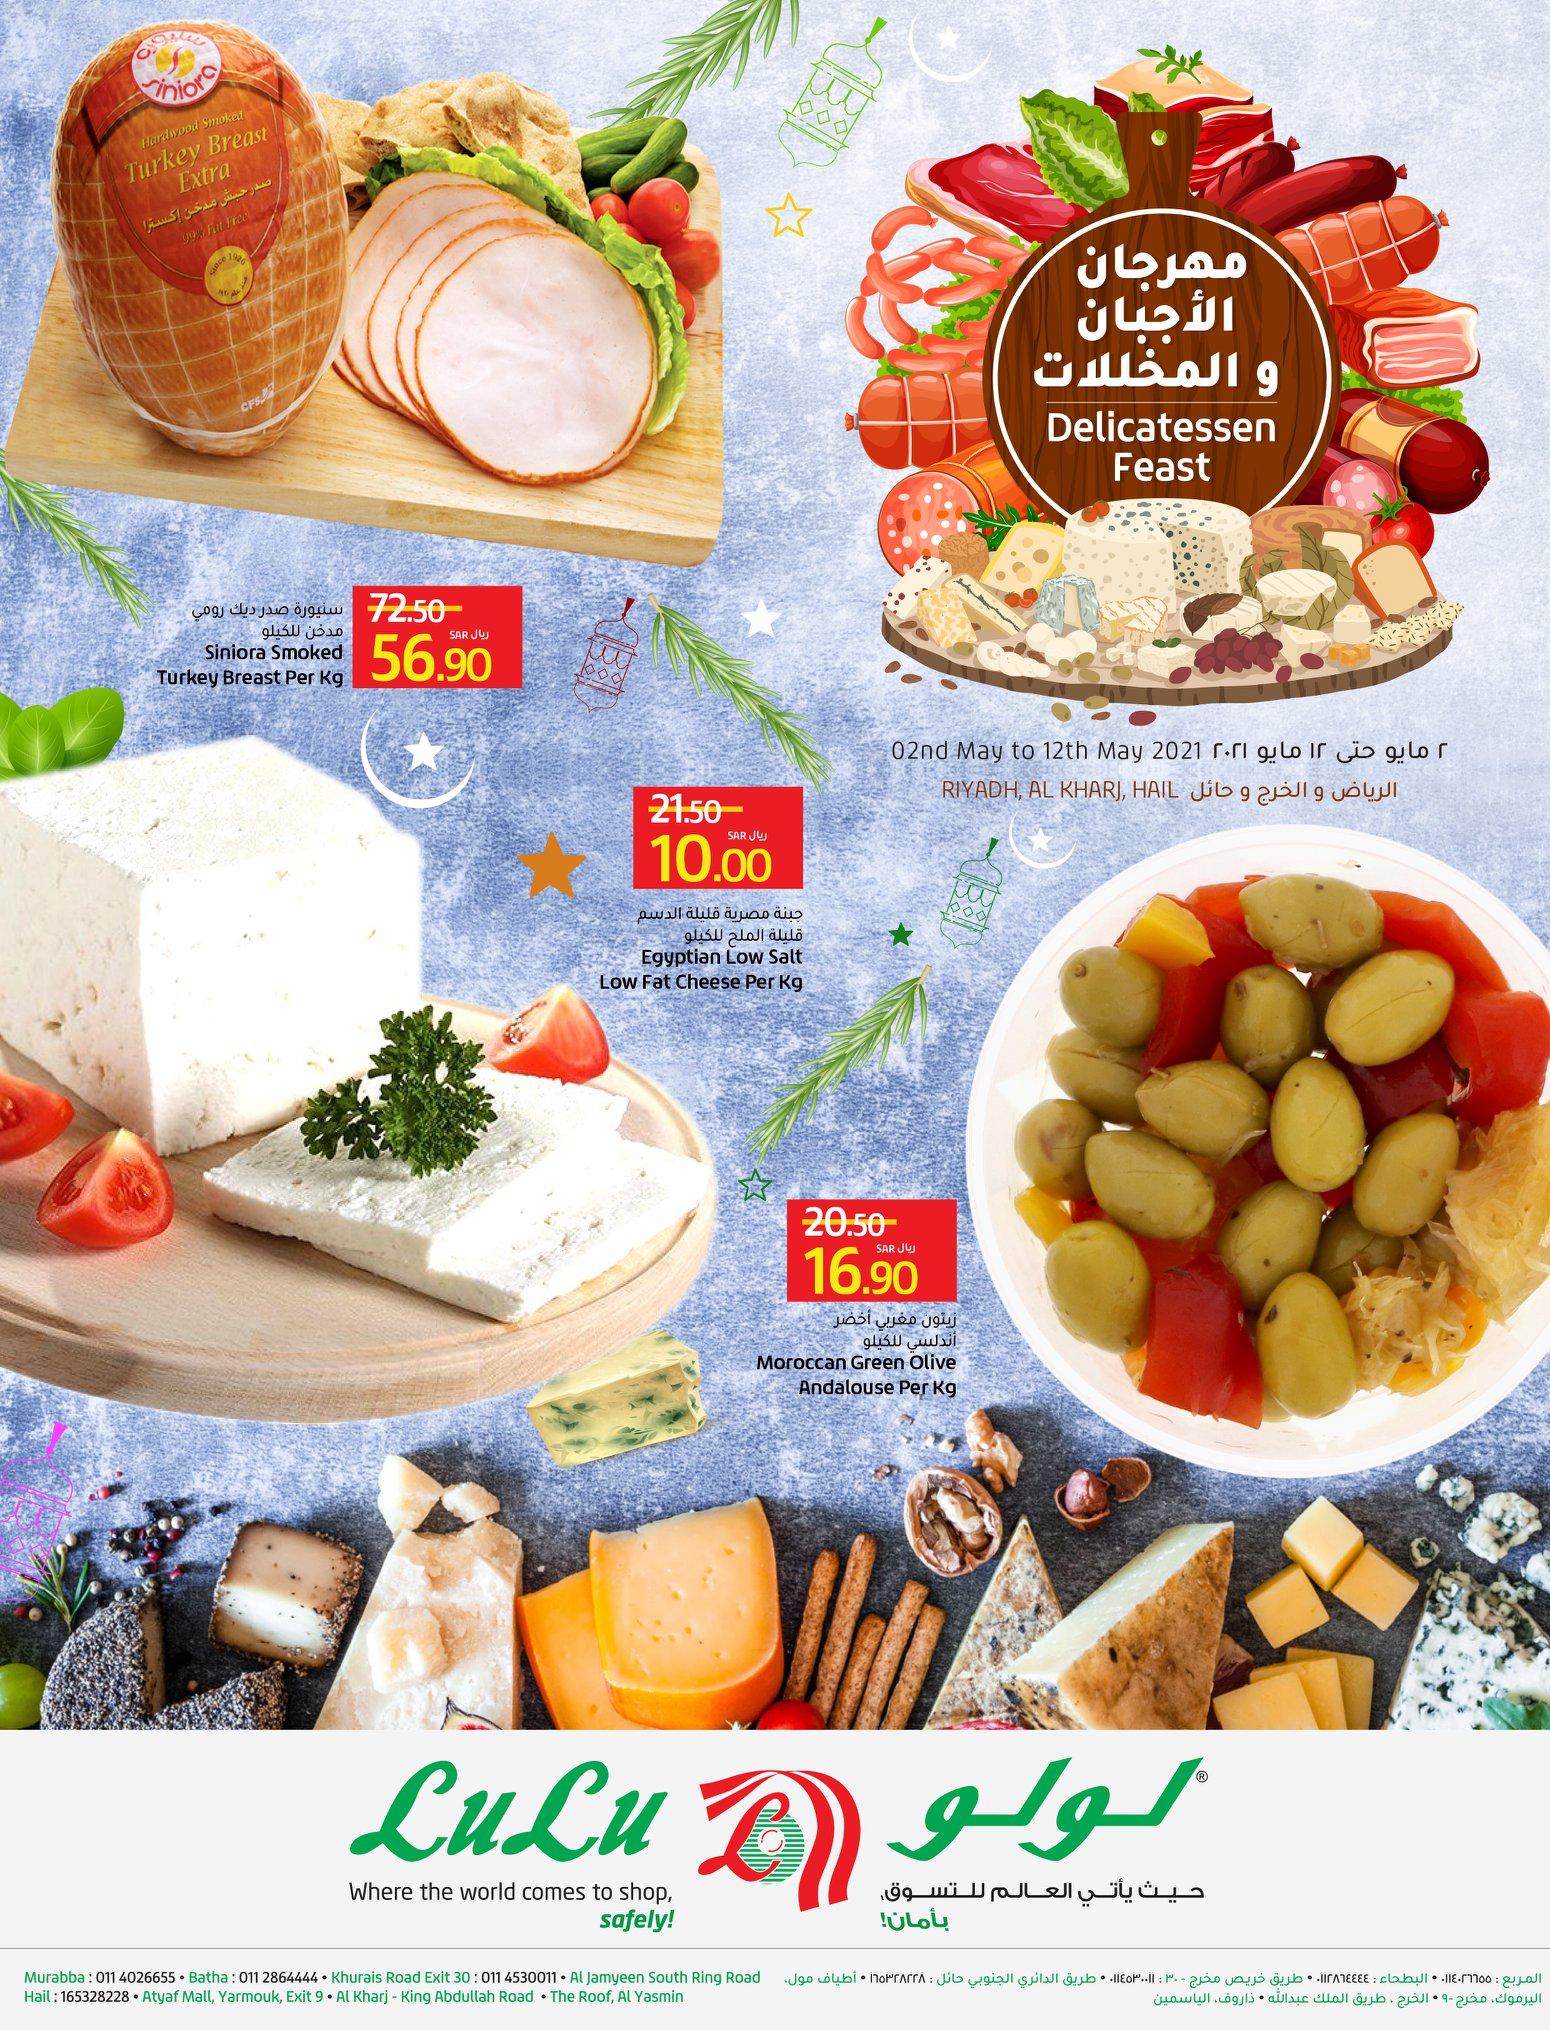 عروض لولو الرياض اليوم 2 مايو حتى 12 مايو 2021 مهرجان الاجبان والمخللات